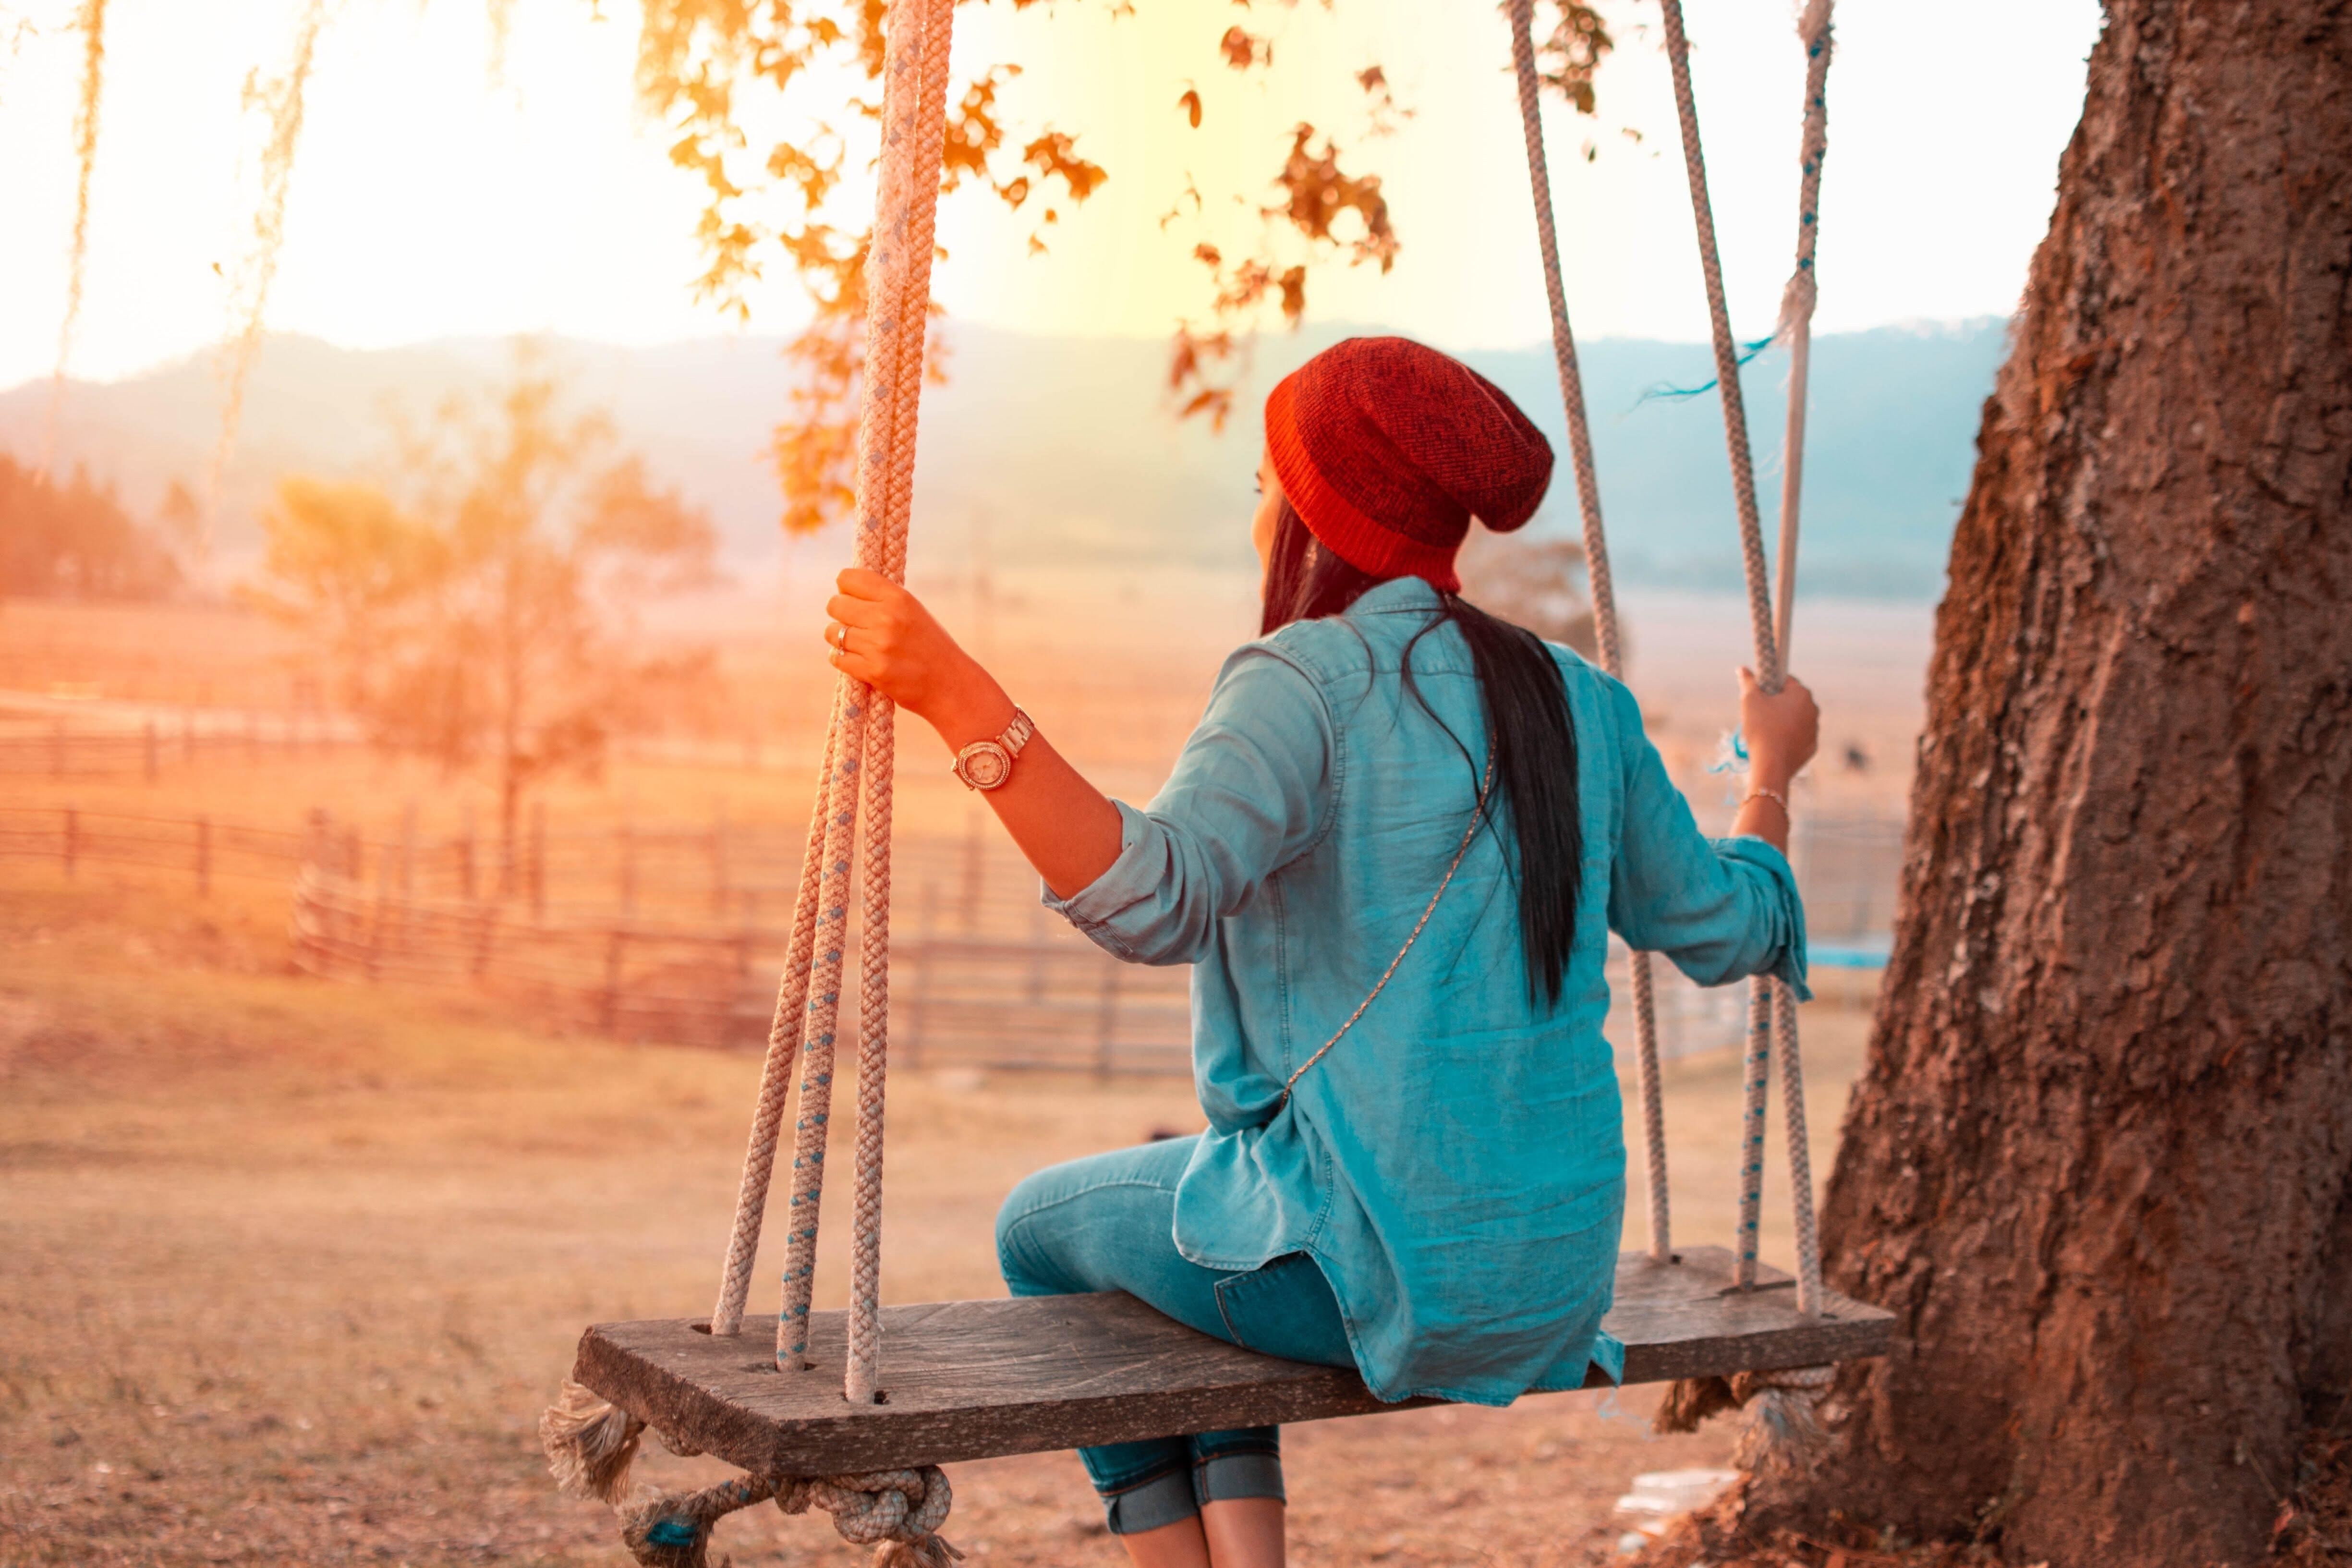 Картинка: Девушка, качели, красная шапка, часы, дерево, поле